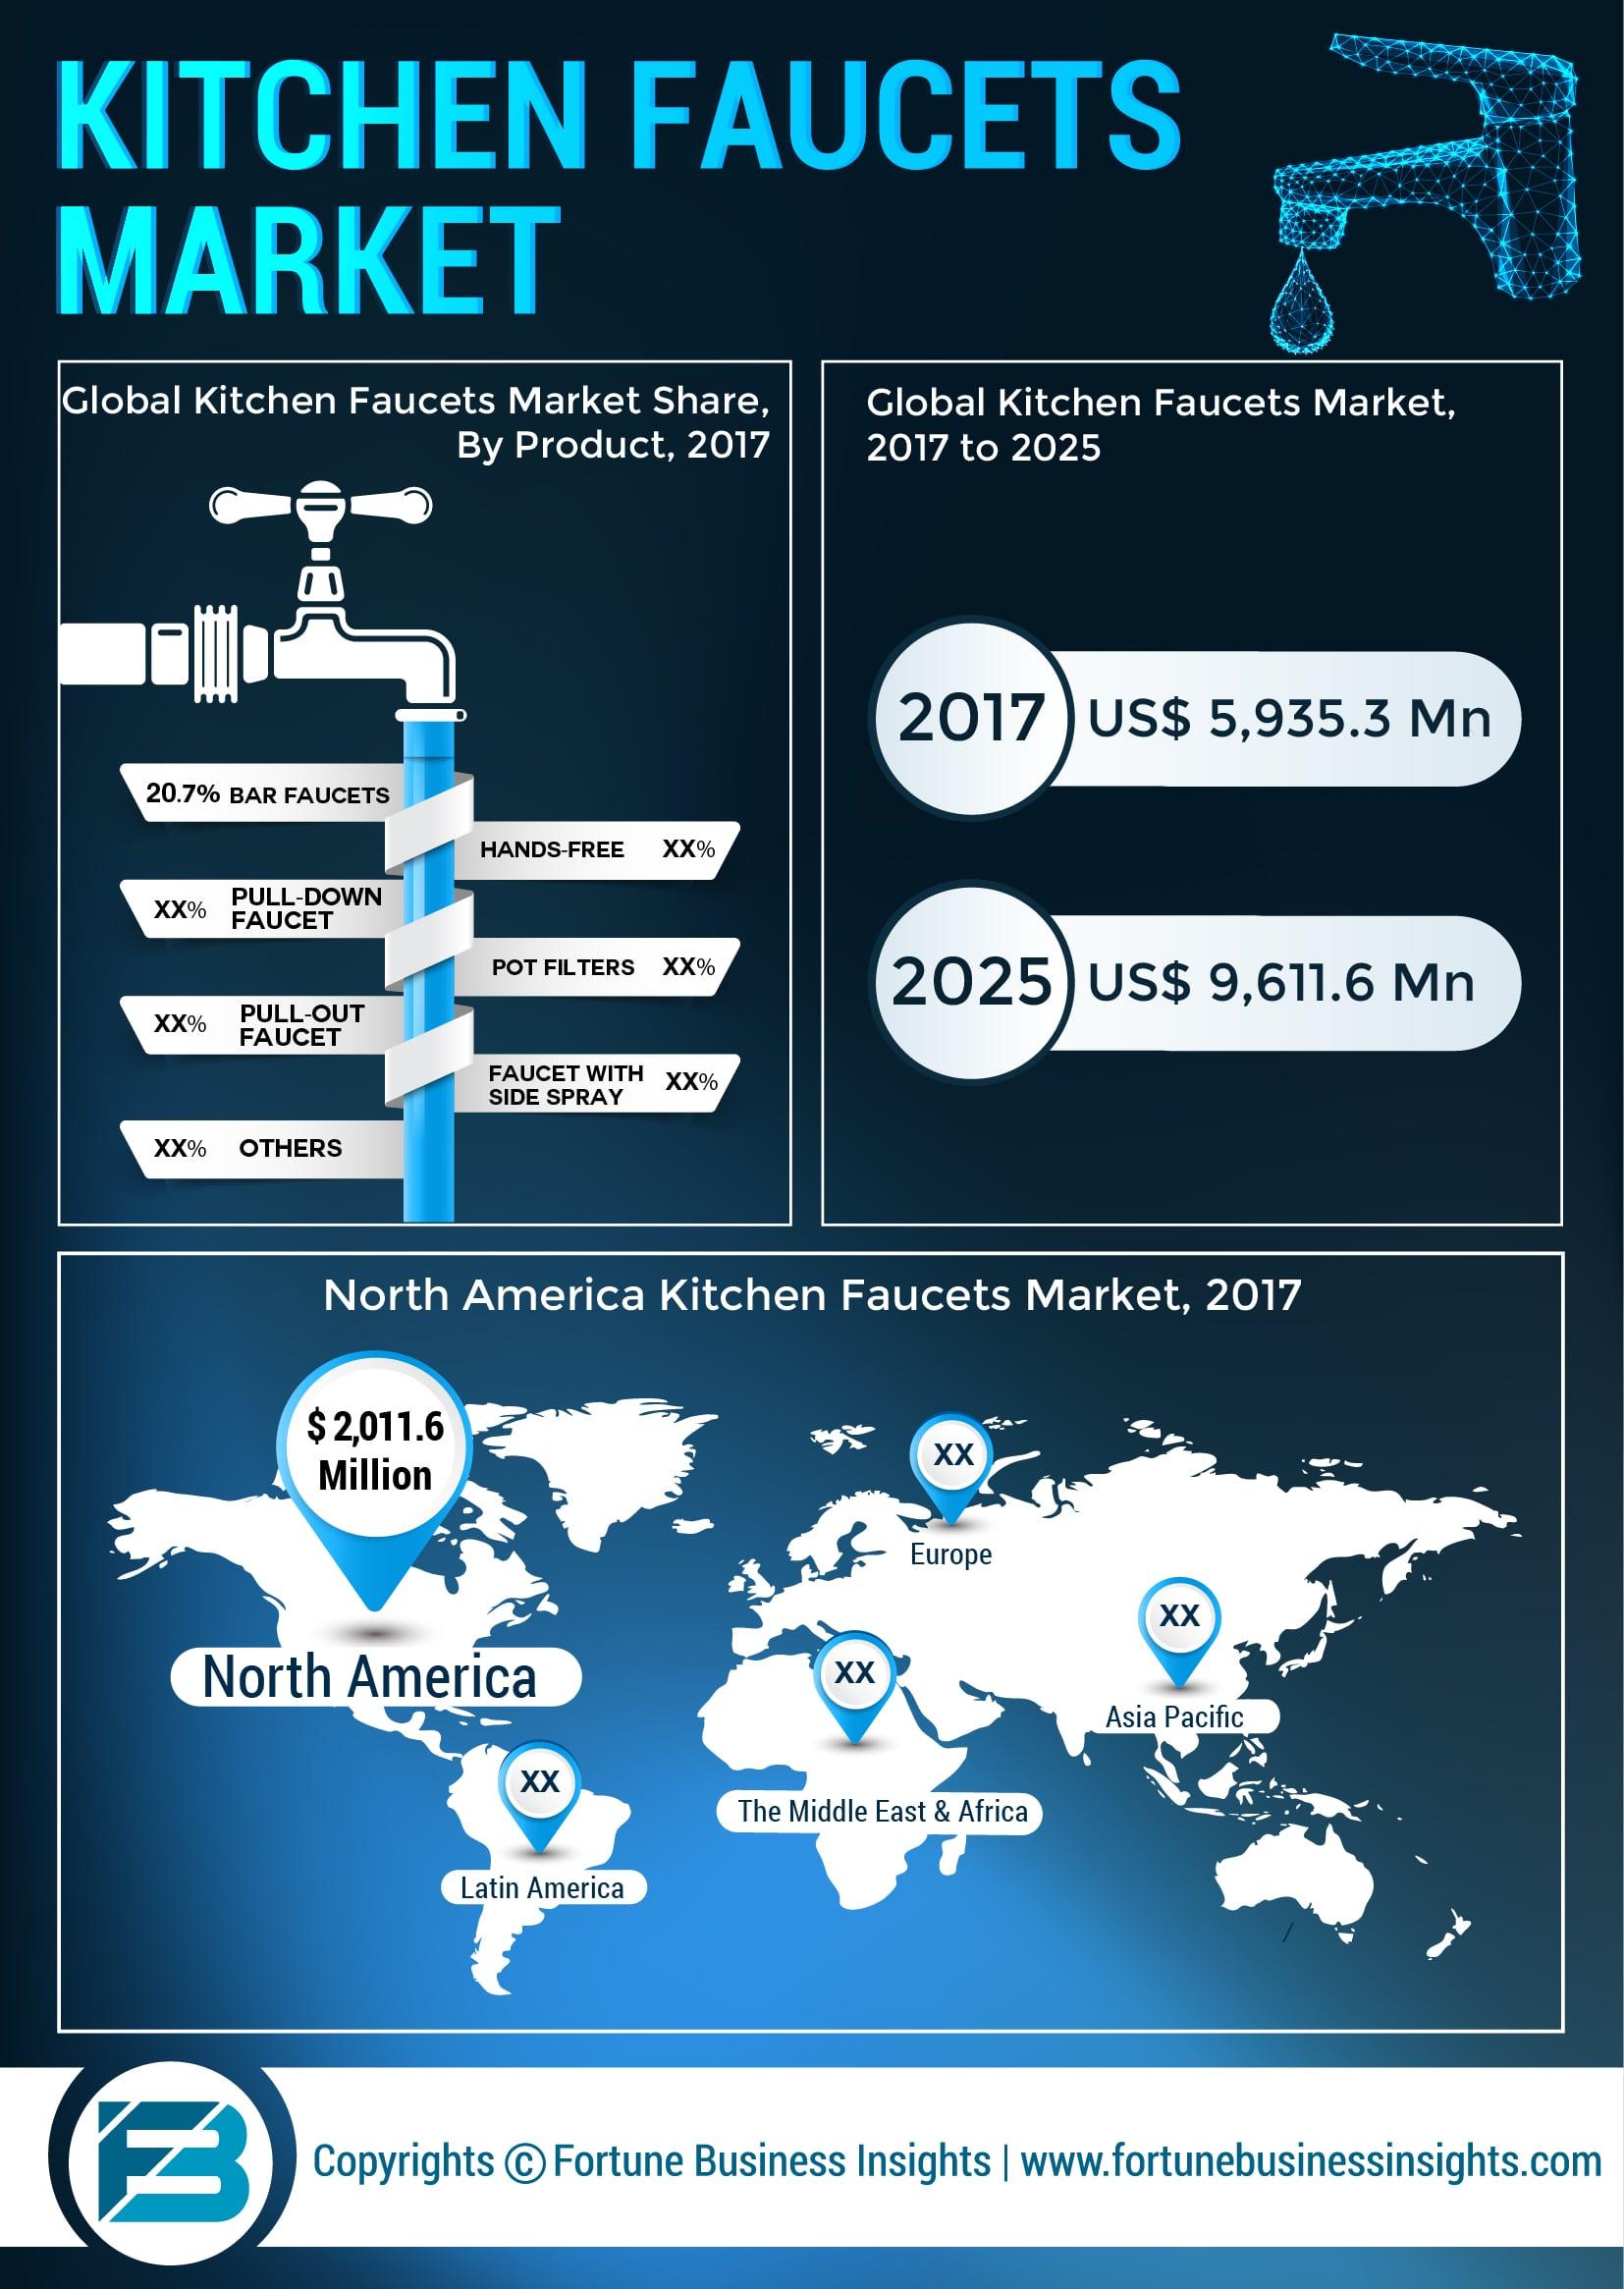 Kitchen Faucets Market